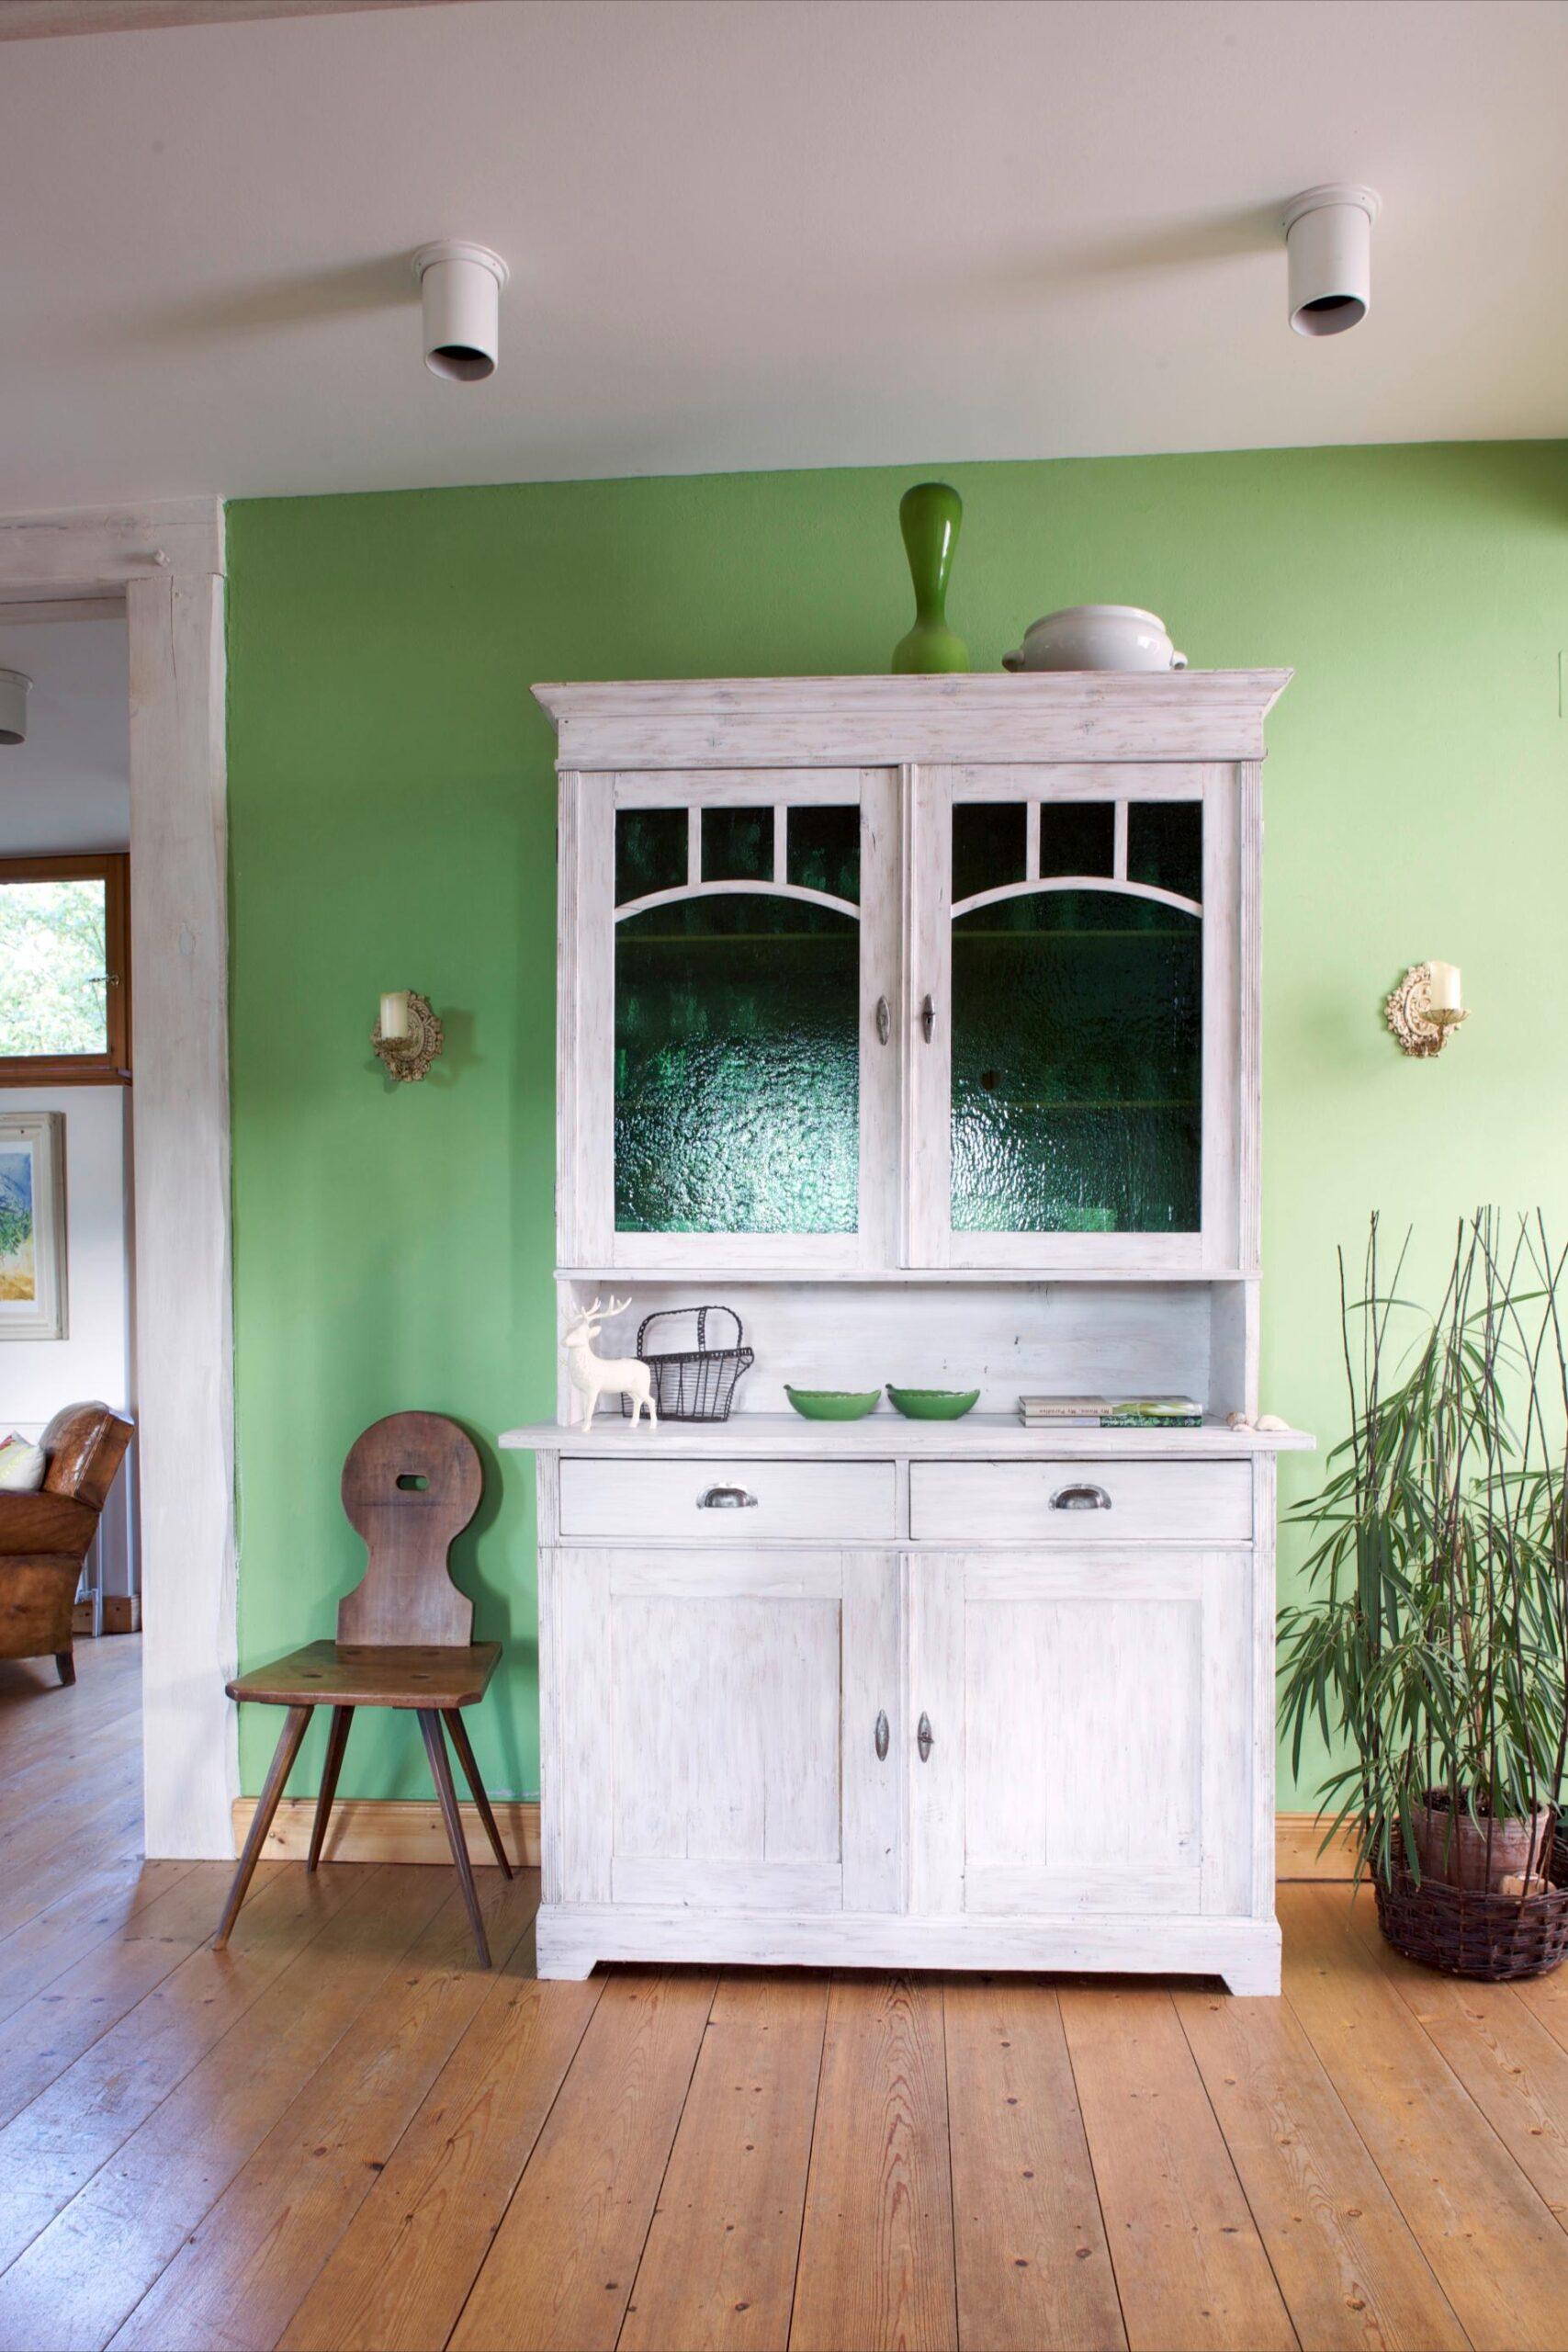 Full Size of Küchenmöbel Kchenmbel Gibt Es Fr Jeden Geschmack Und Geldbeutel Wohnzimmer Küchenmöbel